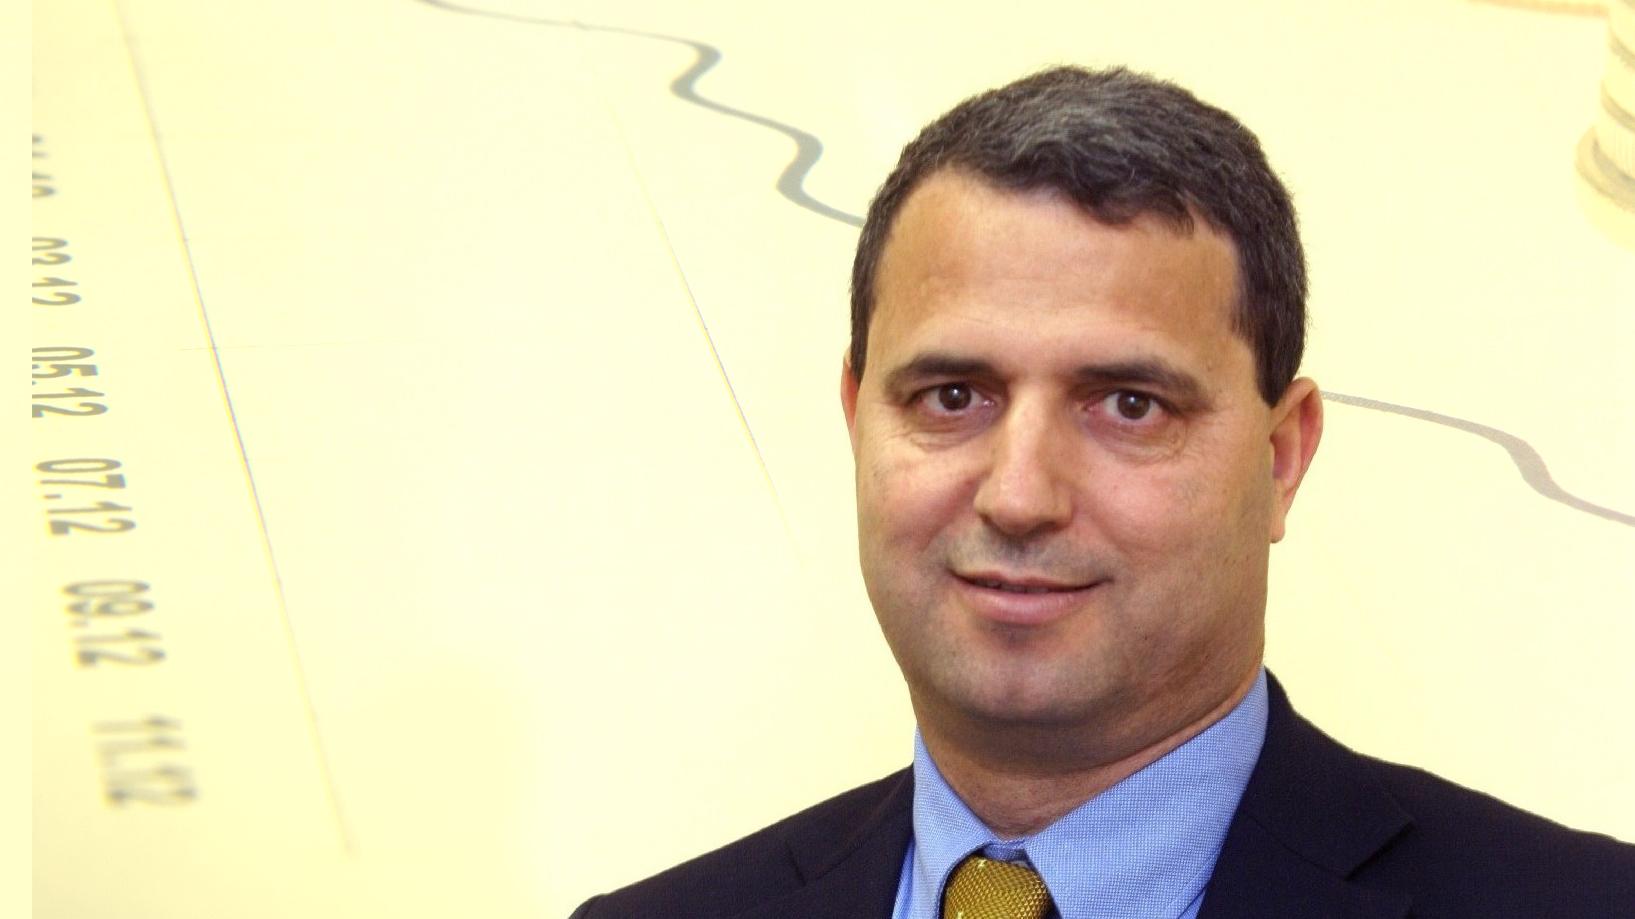 """אלי אלעזרא לא ייקח חלק פעיל בישיבות הדירקטוריון כיו""""ר הכשרה עד לקיום שימוע"""